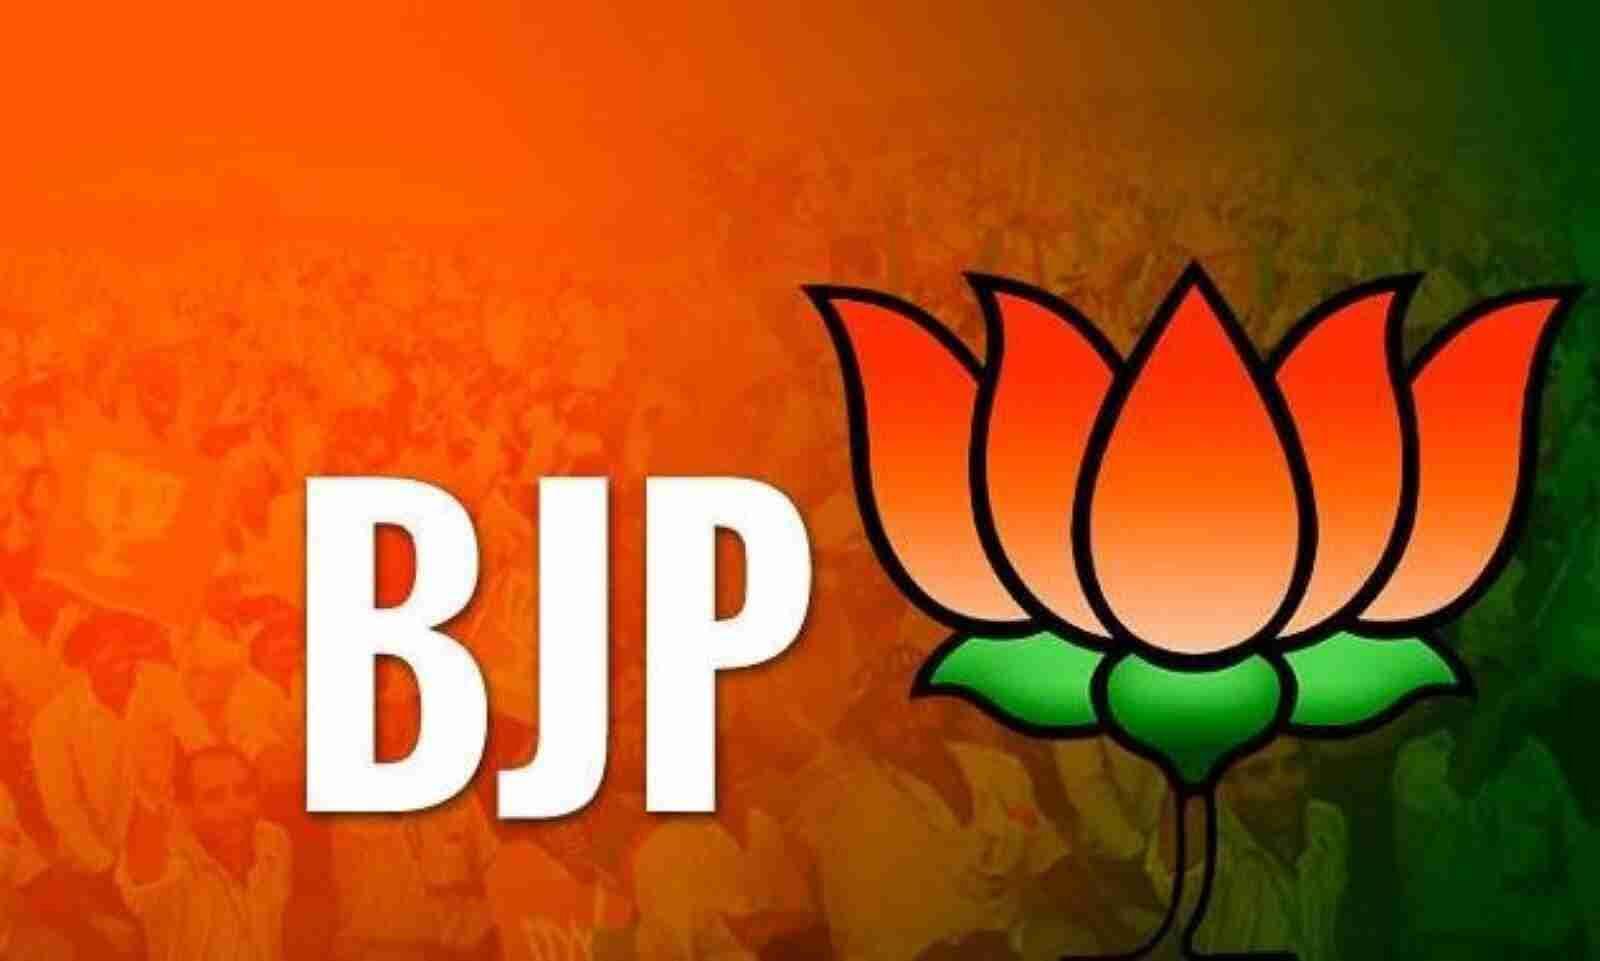 झारखंड के मधुपुर विधानसभा उपचुनाव की मतगणना में भाजपा उम्मीदवार आगे